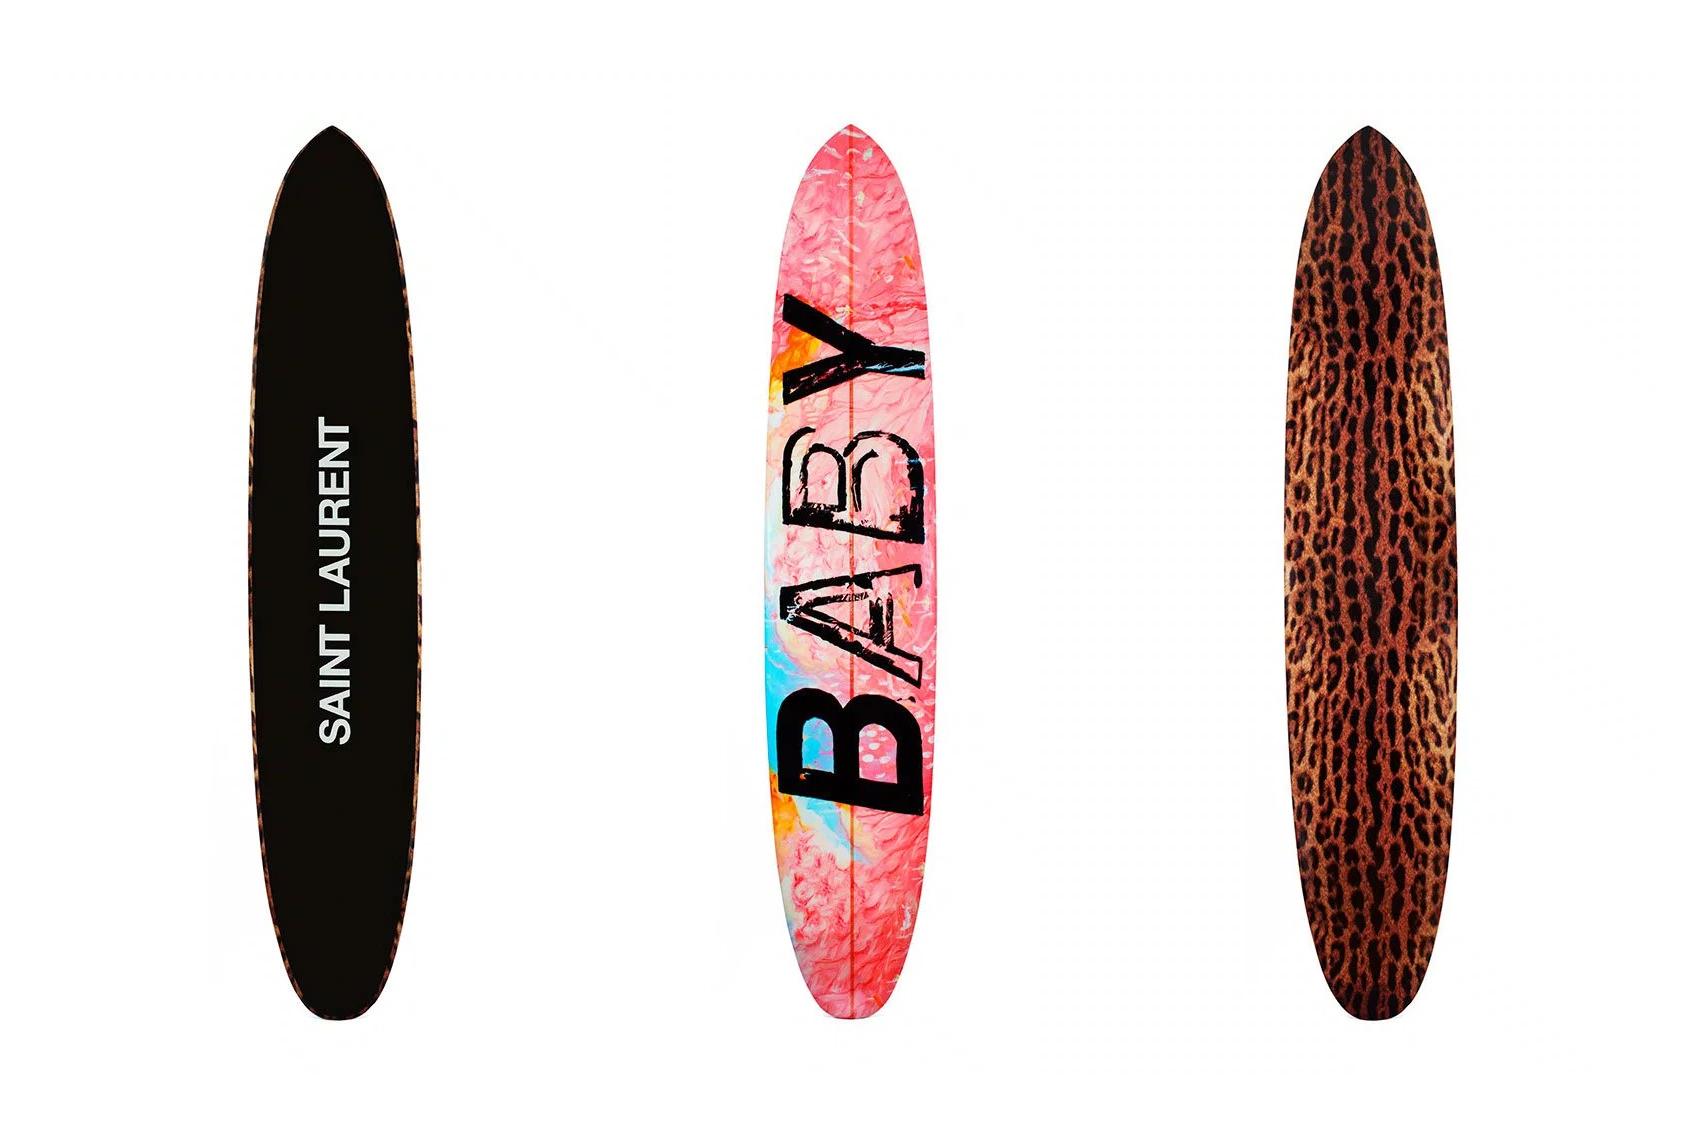 saint laurent surf and skateboards hypebeast. Black Bedroom Furniture Sets. Home Design Ideas